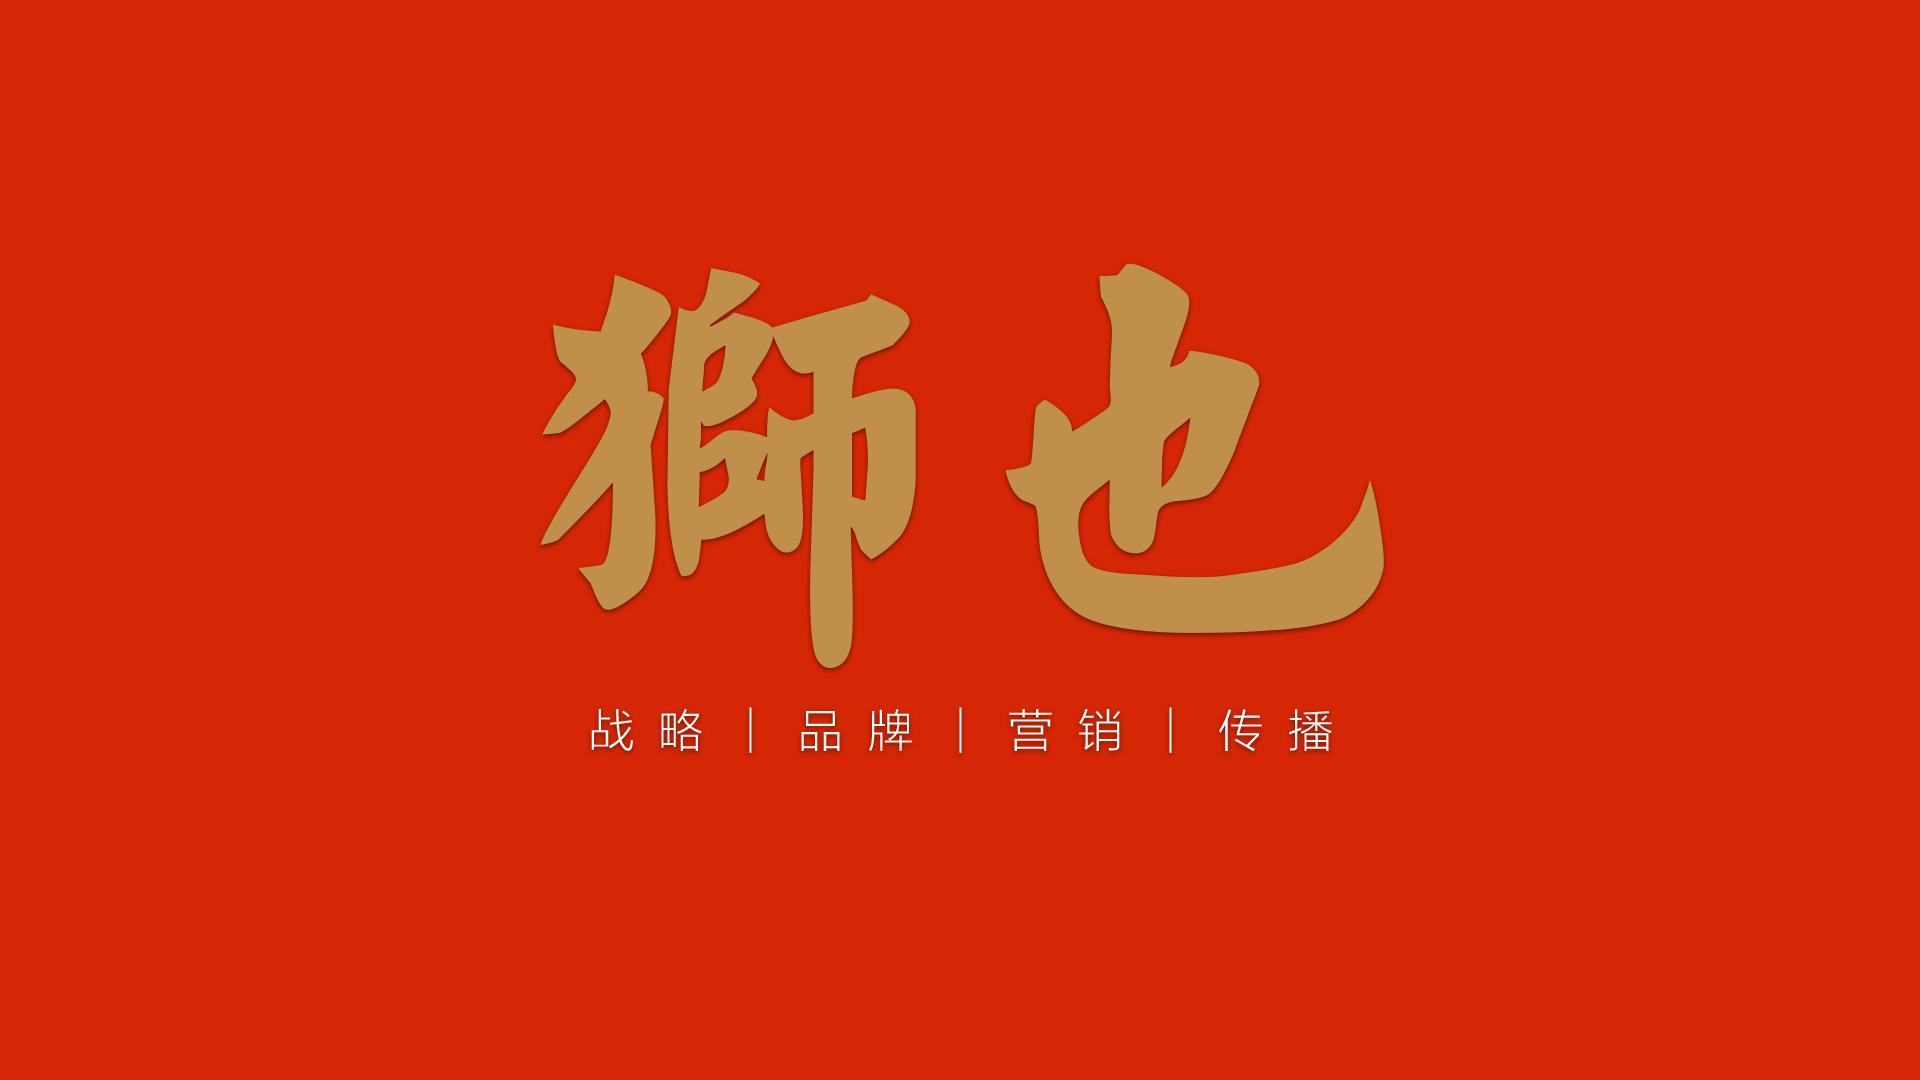 上海营销策划公司—企业基本竞争战略策划的主要内容